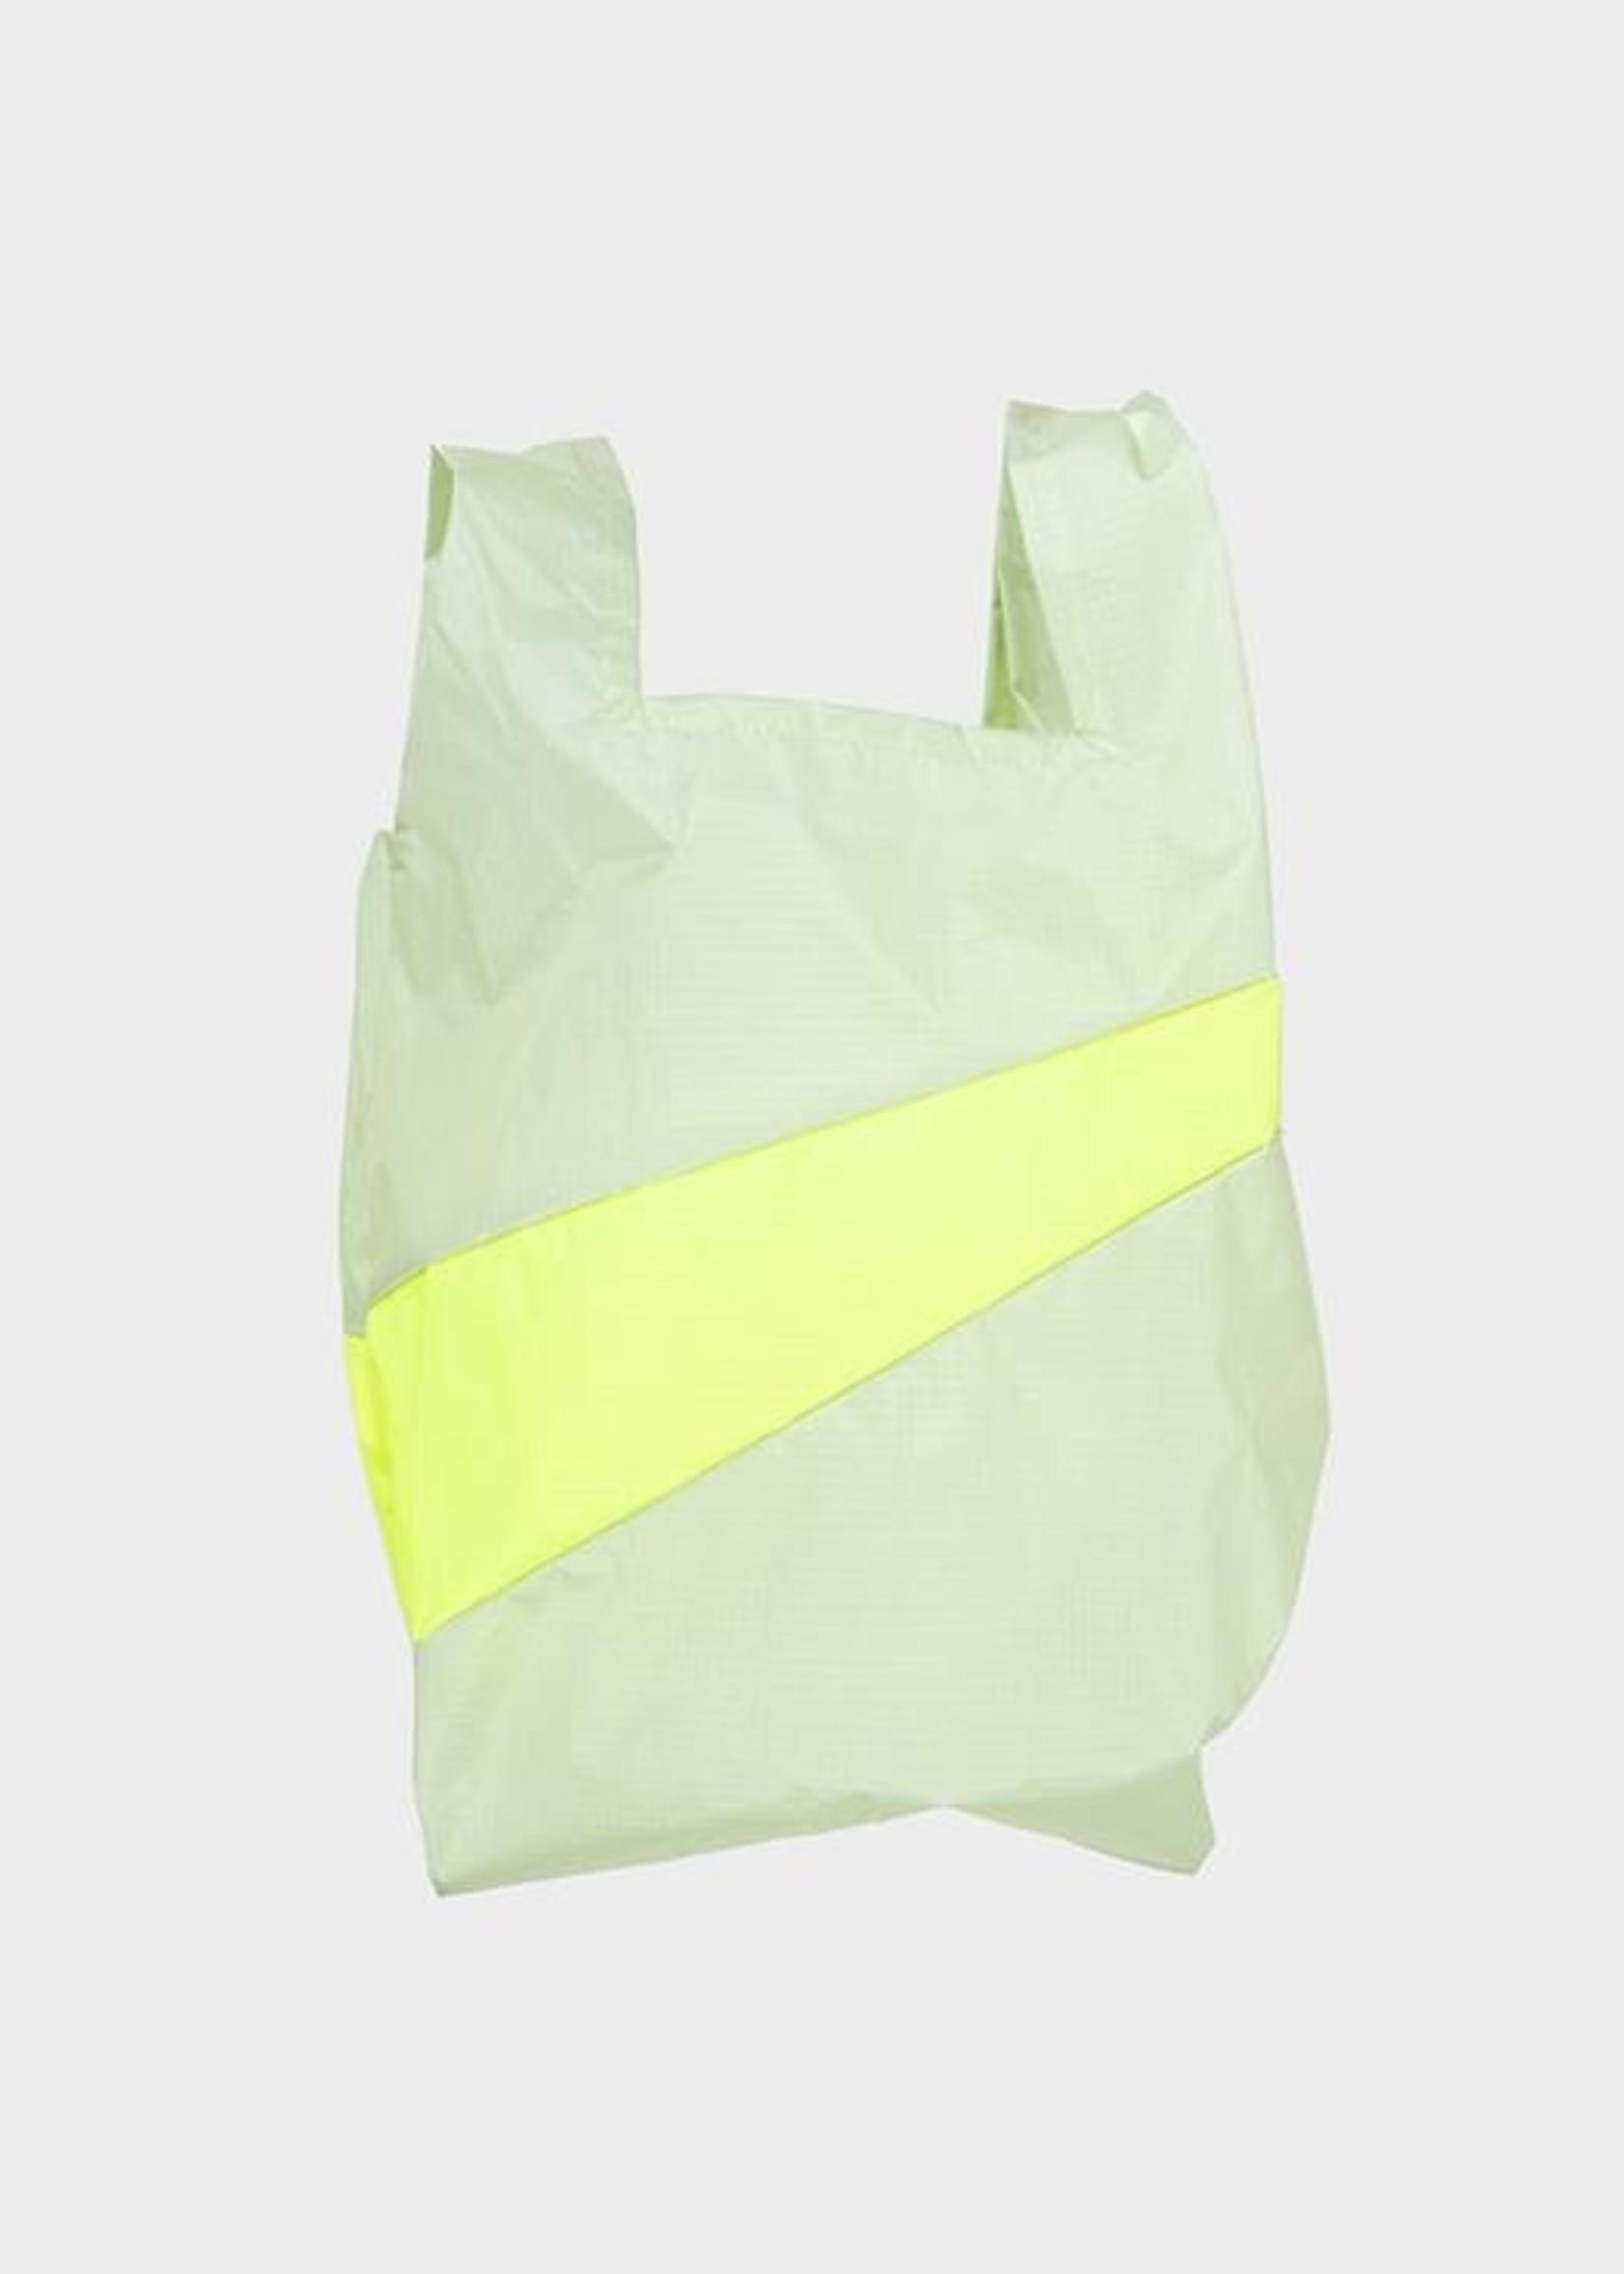 Shopping bag - Medium